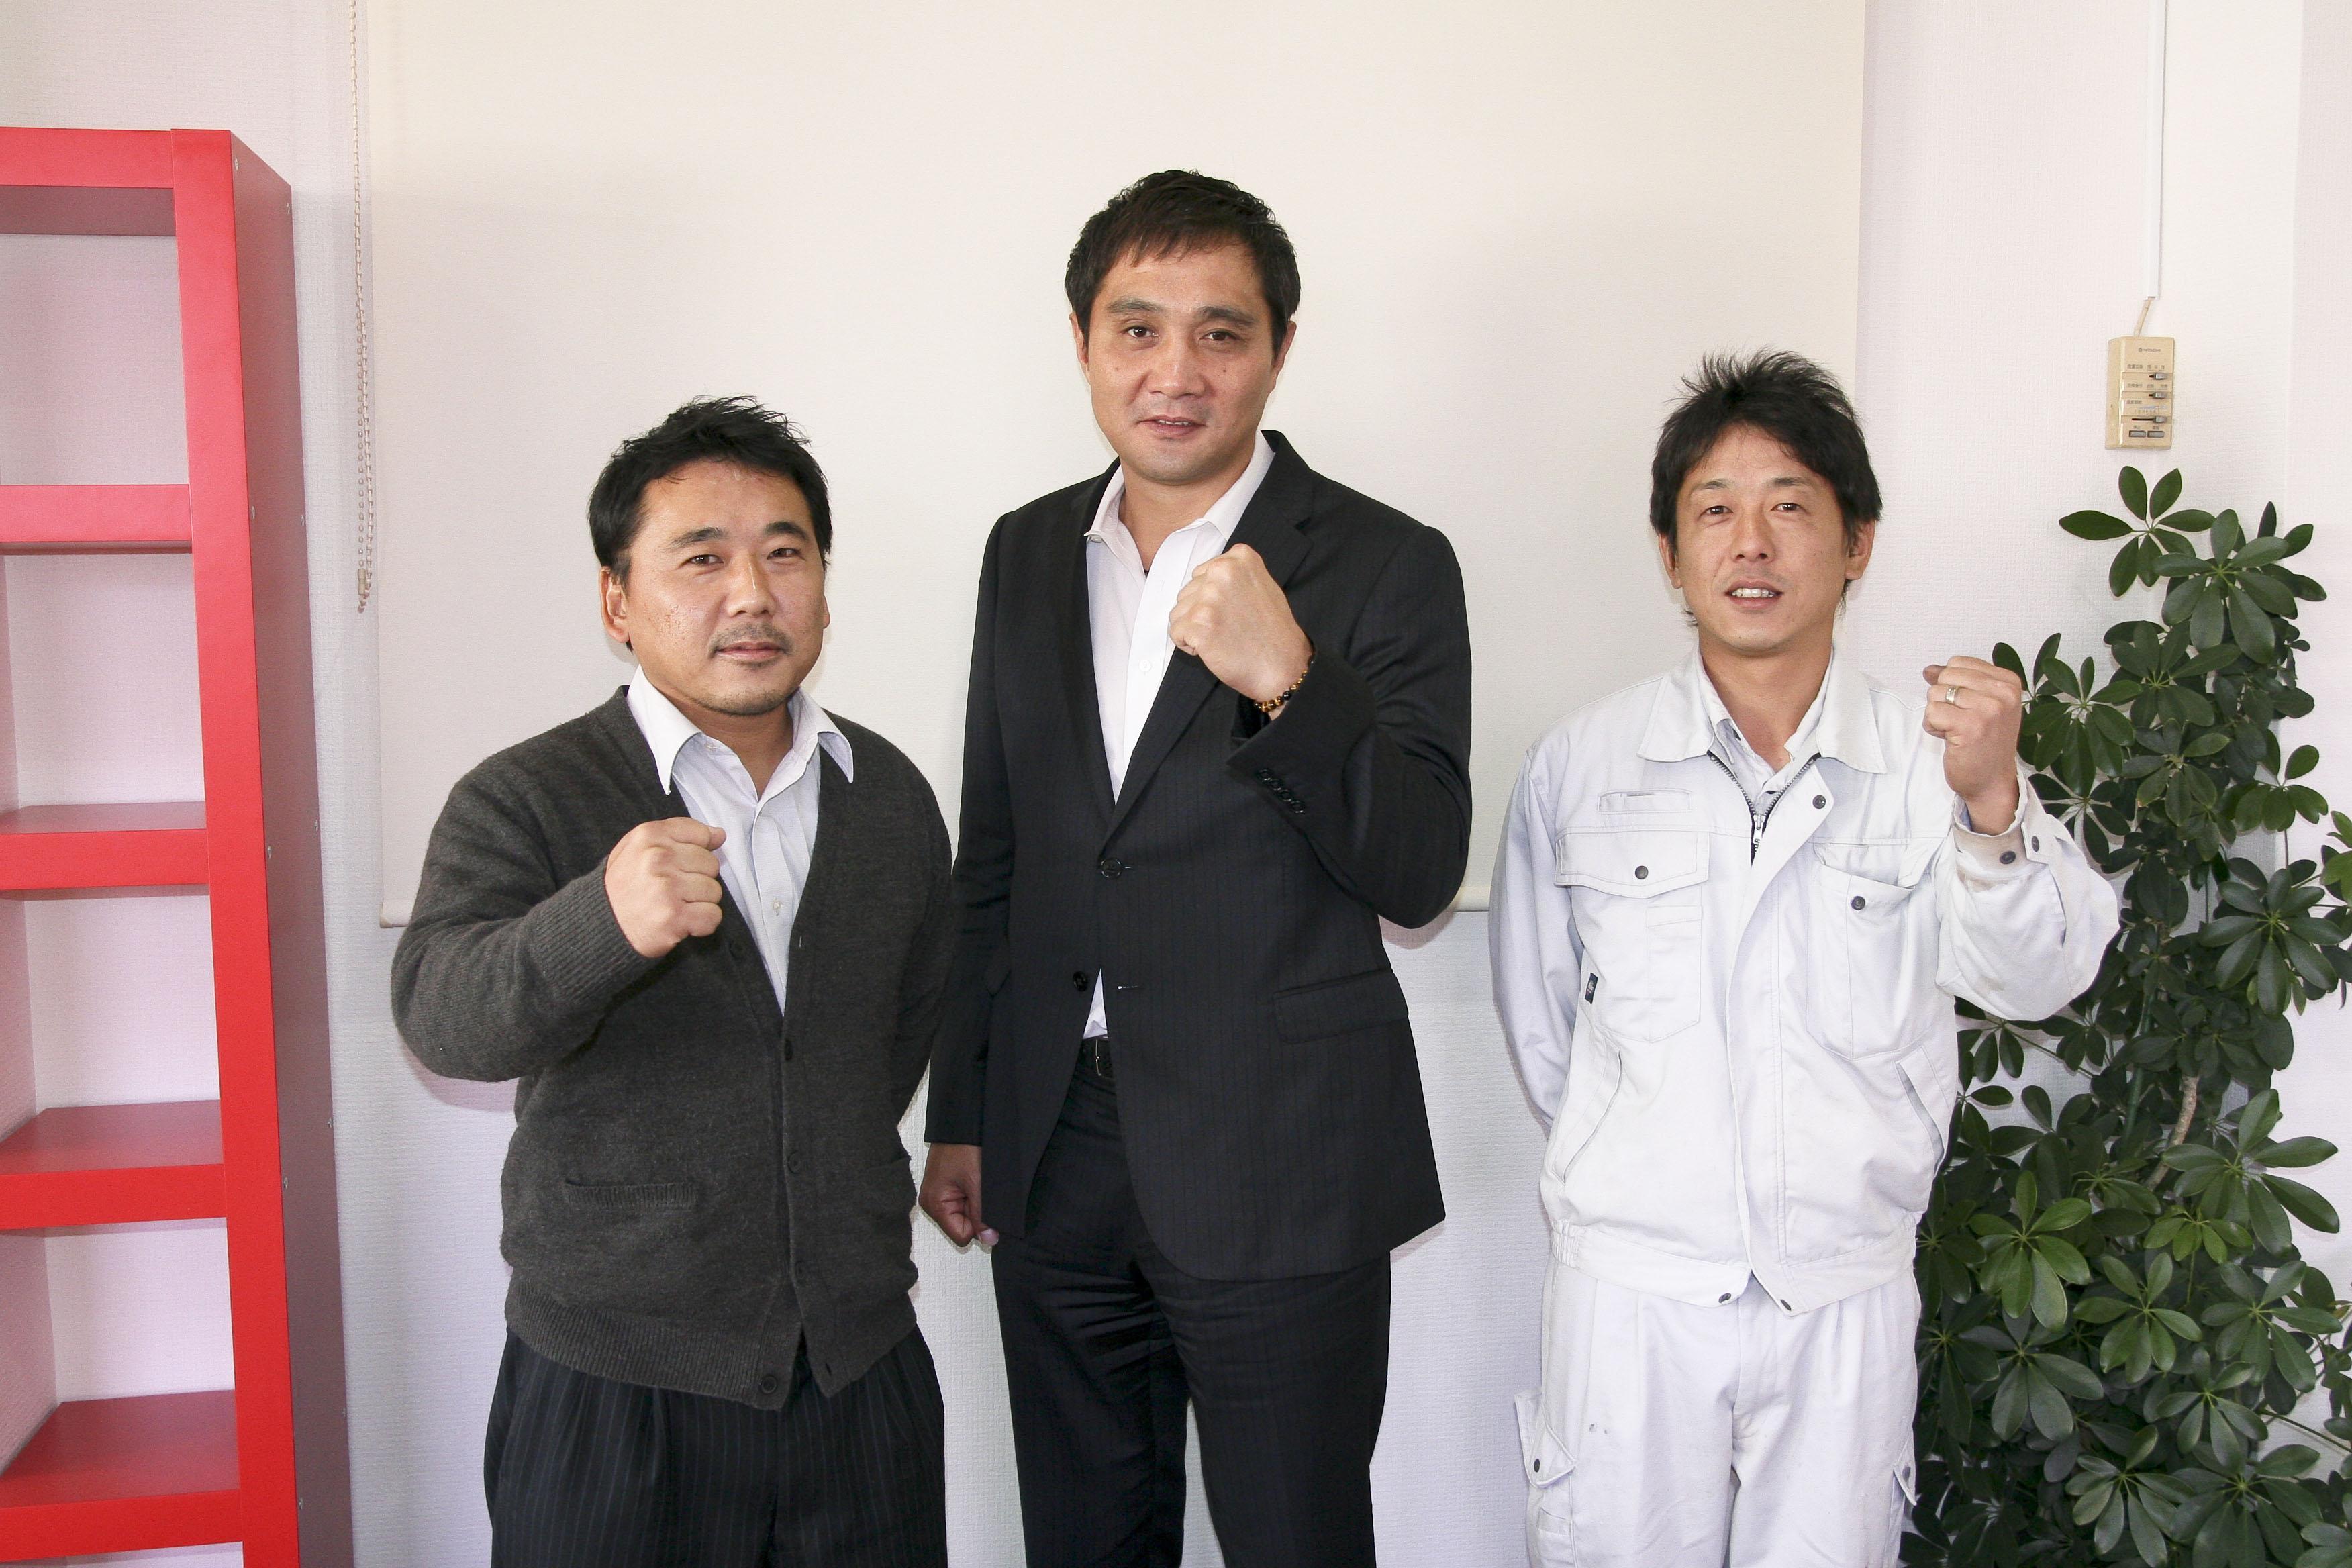 プロボクサー竹原さんが来ました( ゚Д゚)